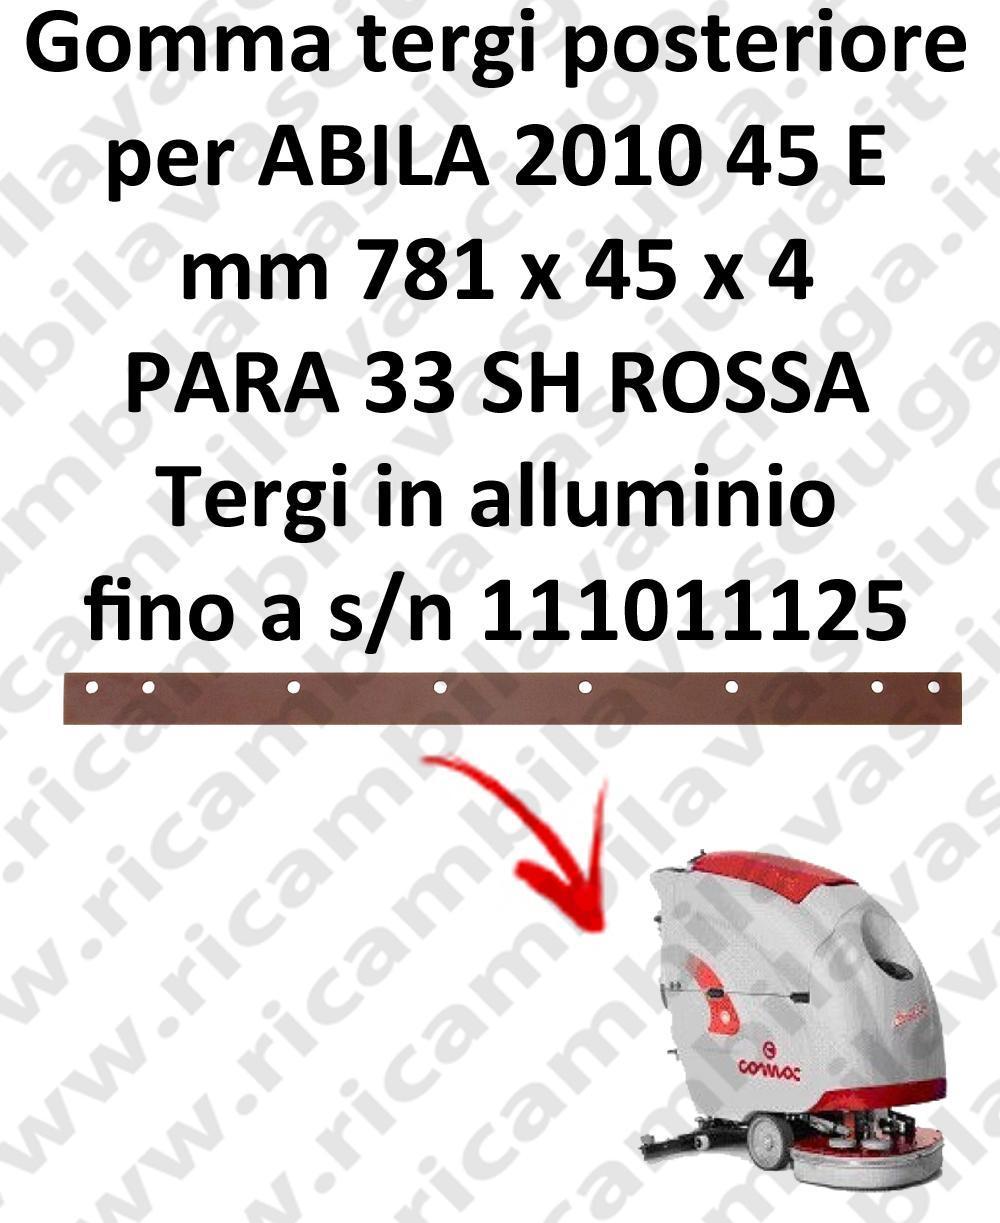 ABILA 2010 45 y fino a s/n 111011125 goma de secado trasero para COMAC repuestos fregadoras squeegee